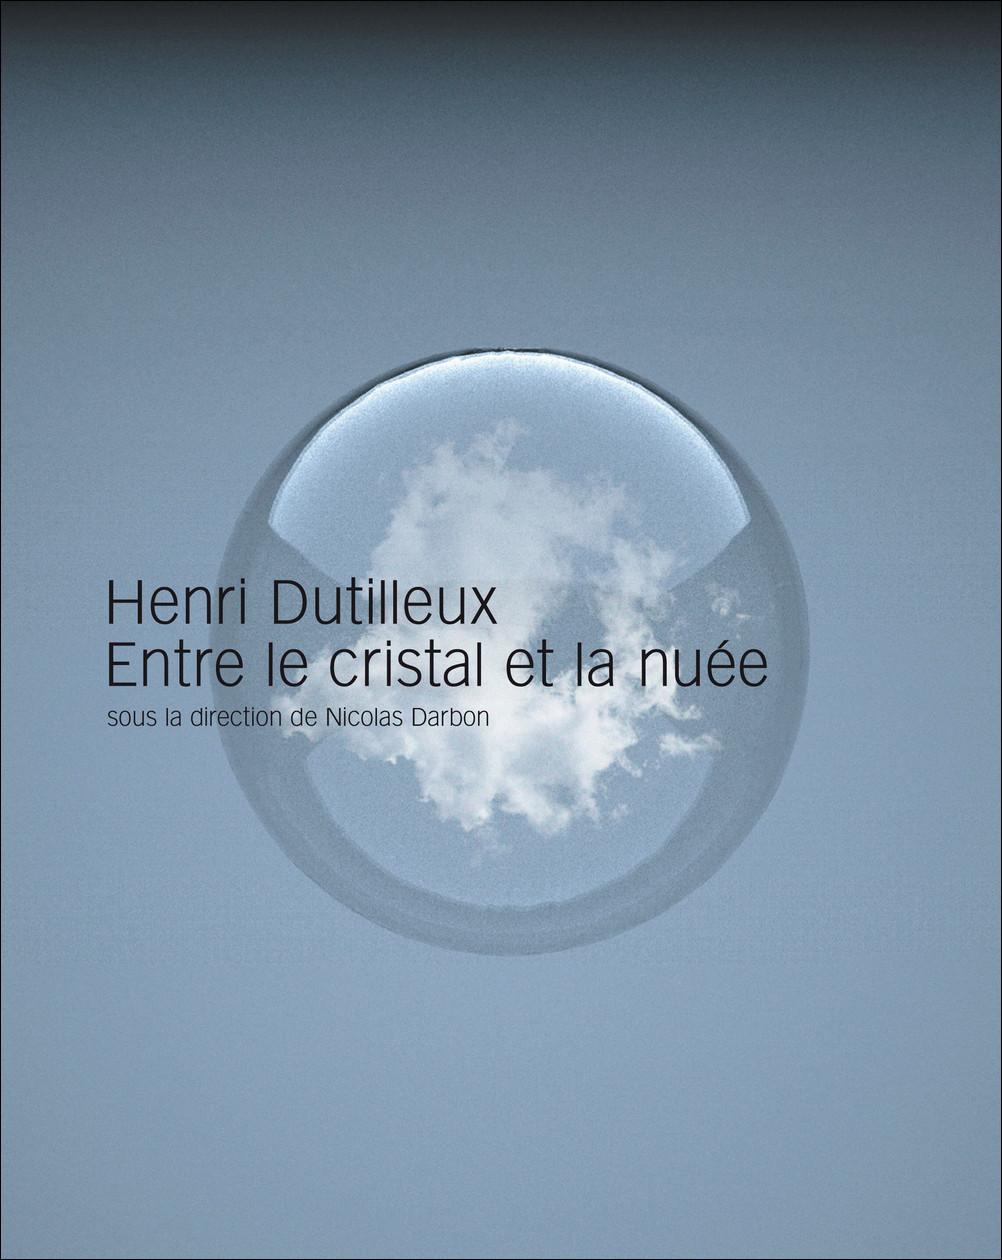 HENRI DUTILLEUX, ENTRE LE CRISTAL ET LA NUEE